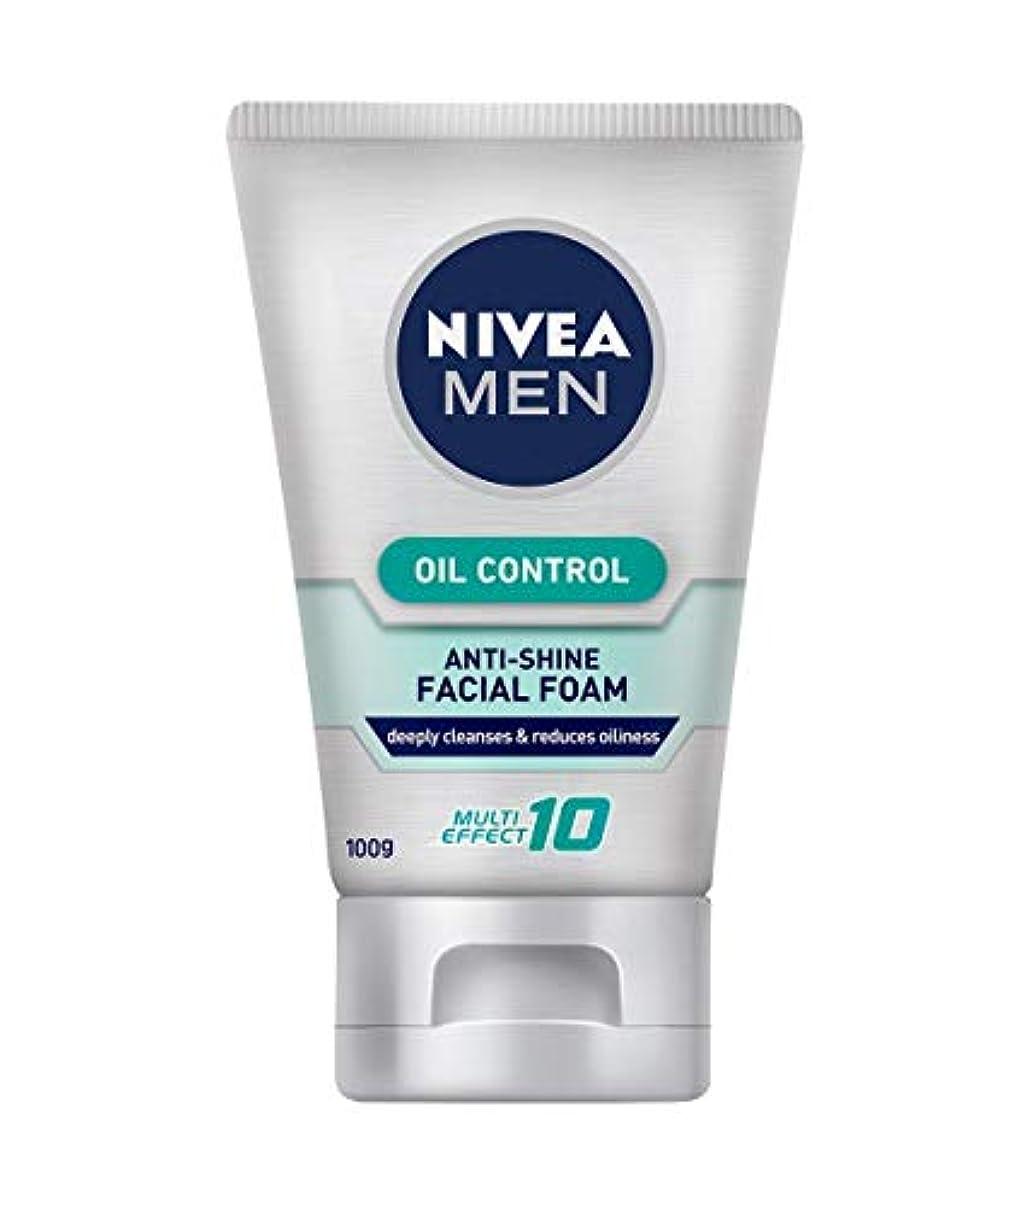 登場辛い傾向があるNivea For Men オイルコントロールクレンザー百グラム、にきびの問題を軽減しながら、炎症を和らげます。